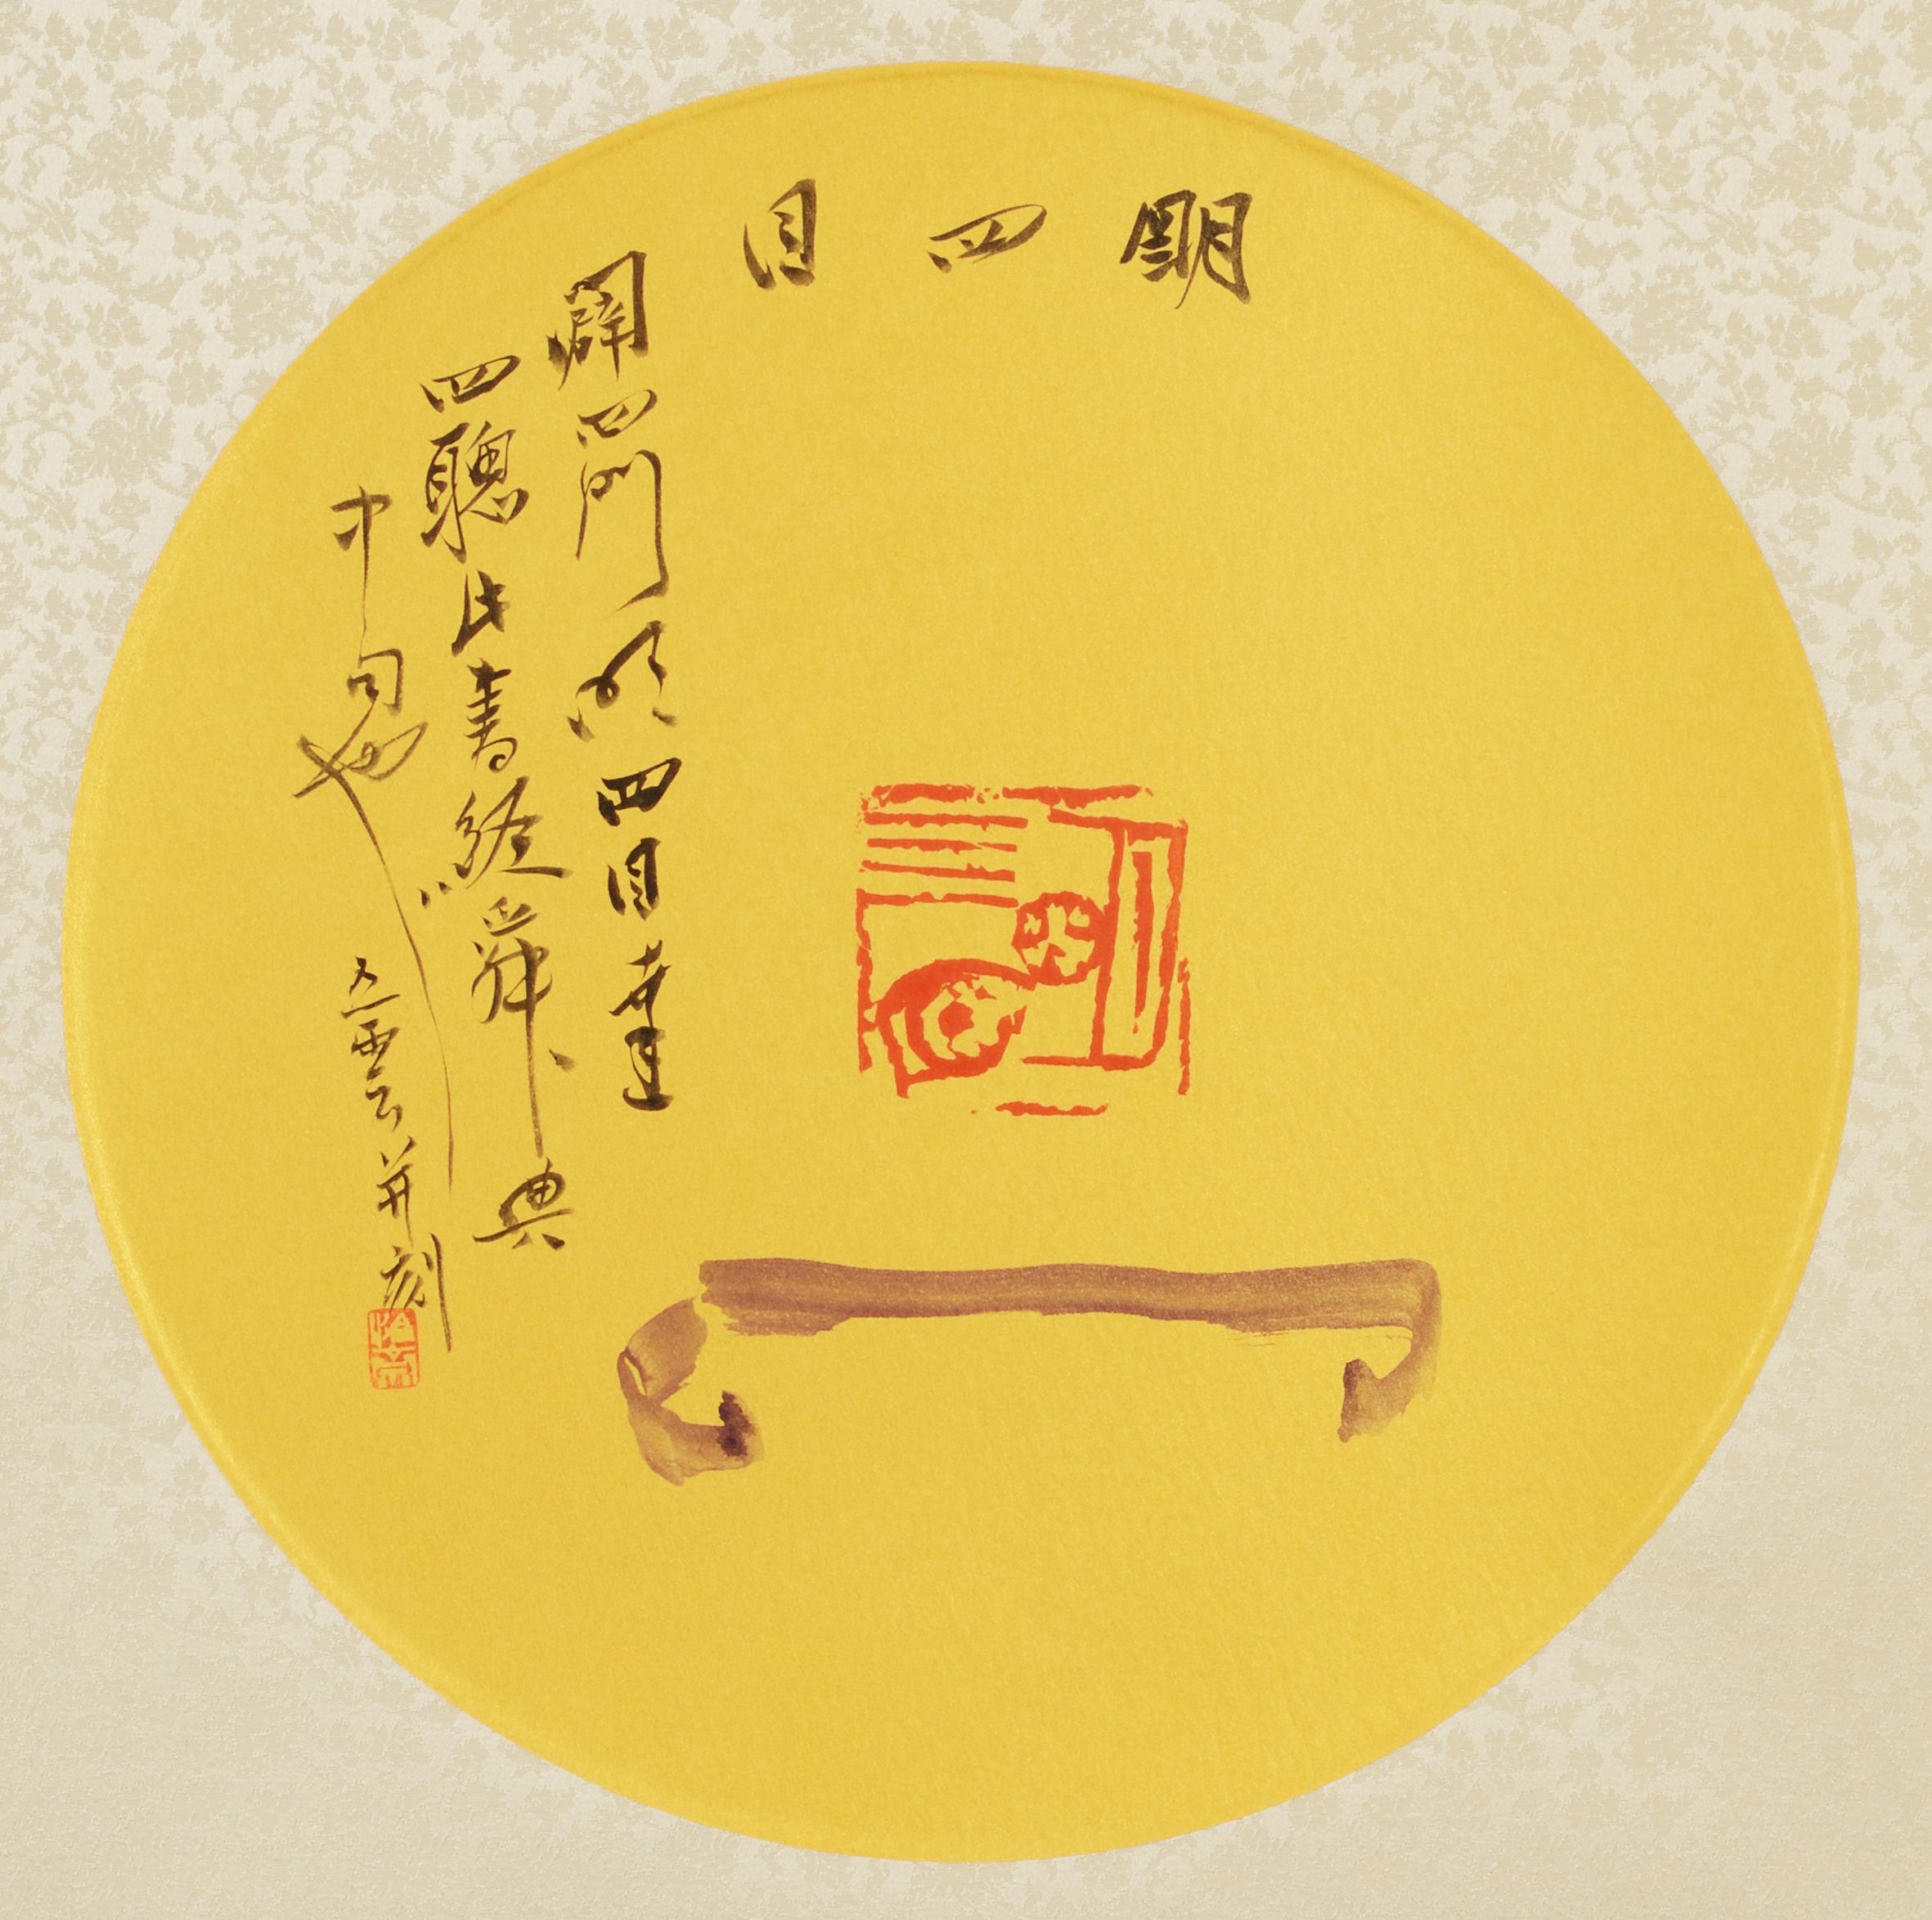 25.運営理事 井谷五雲